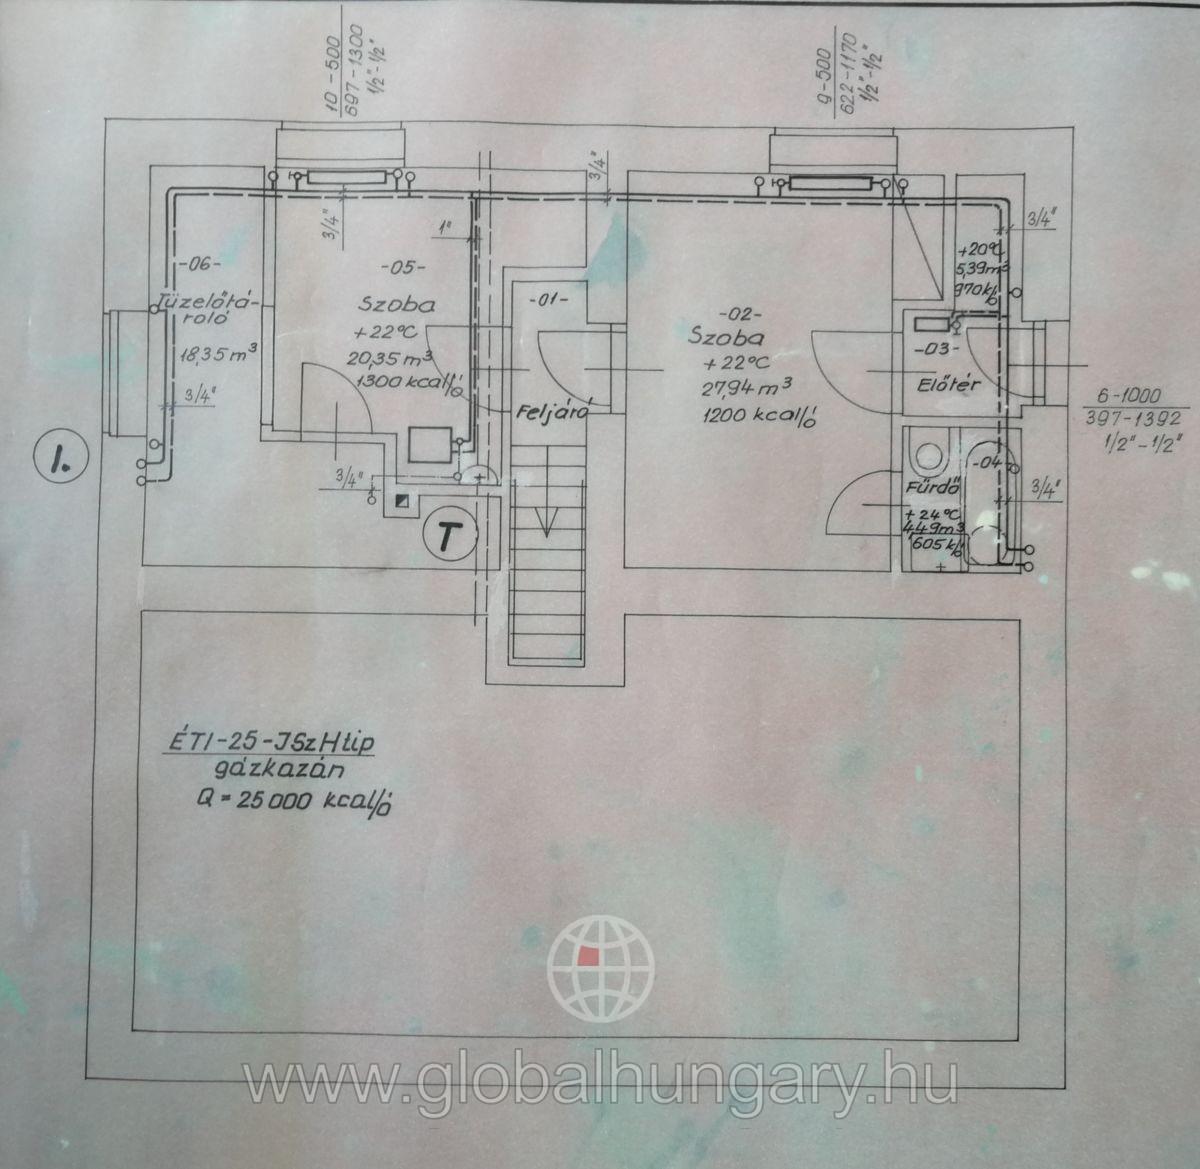 Eladó 100 nm-es felújítandó családi ház, Budapest II. ker.